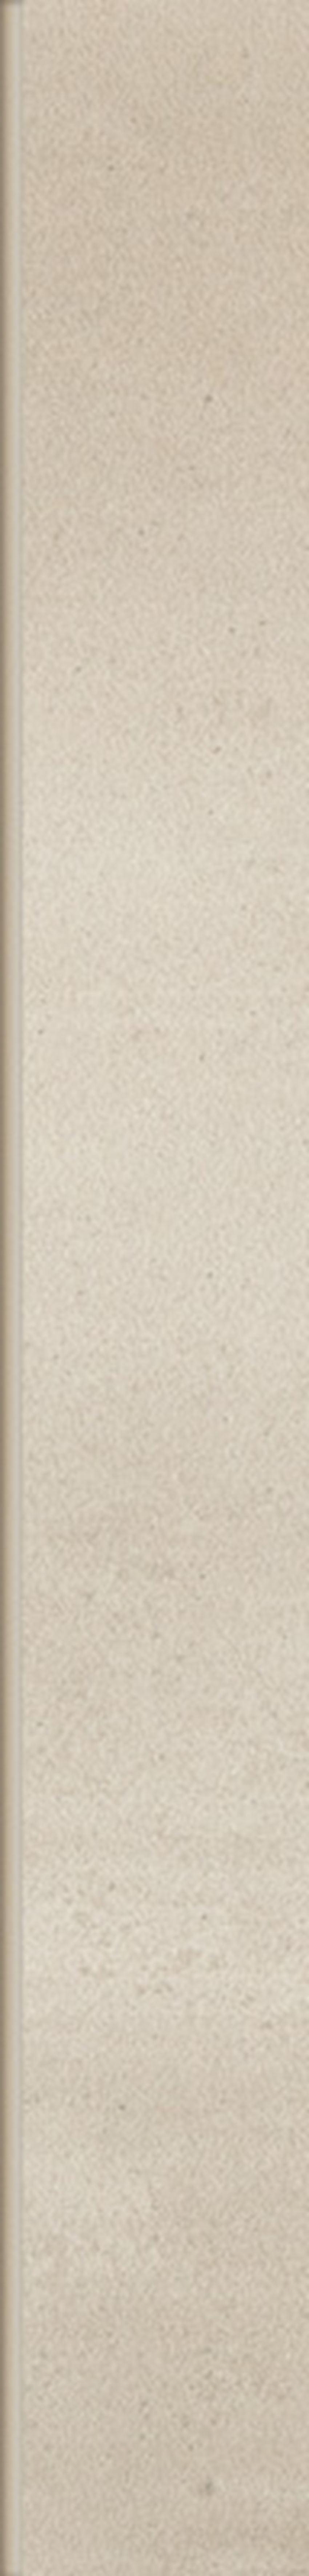 Płytka cokołowa 7,2x59,8 cm  Paradyż Stone Crema Cokół Półpoler